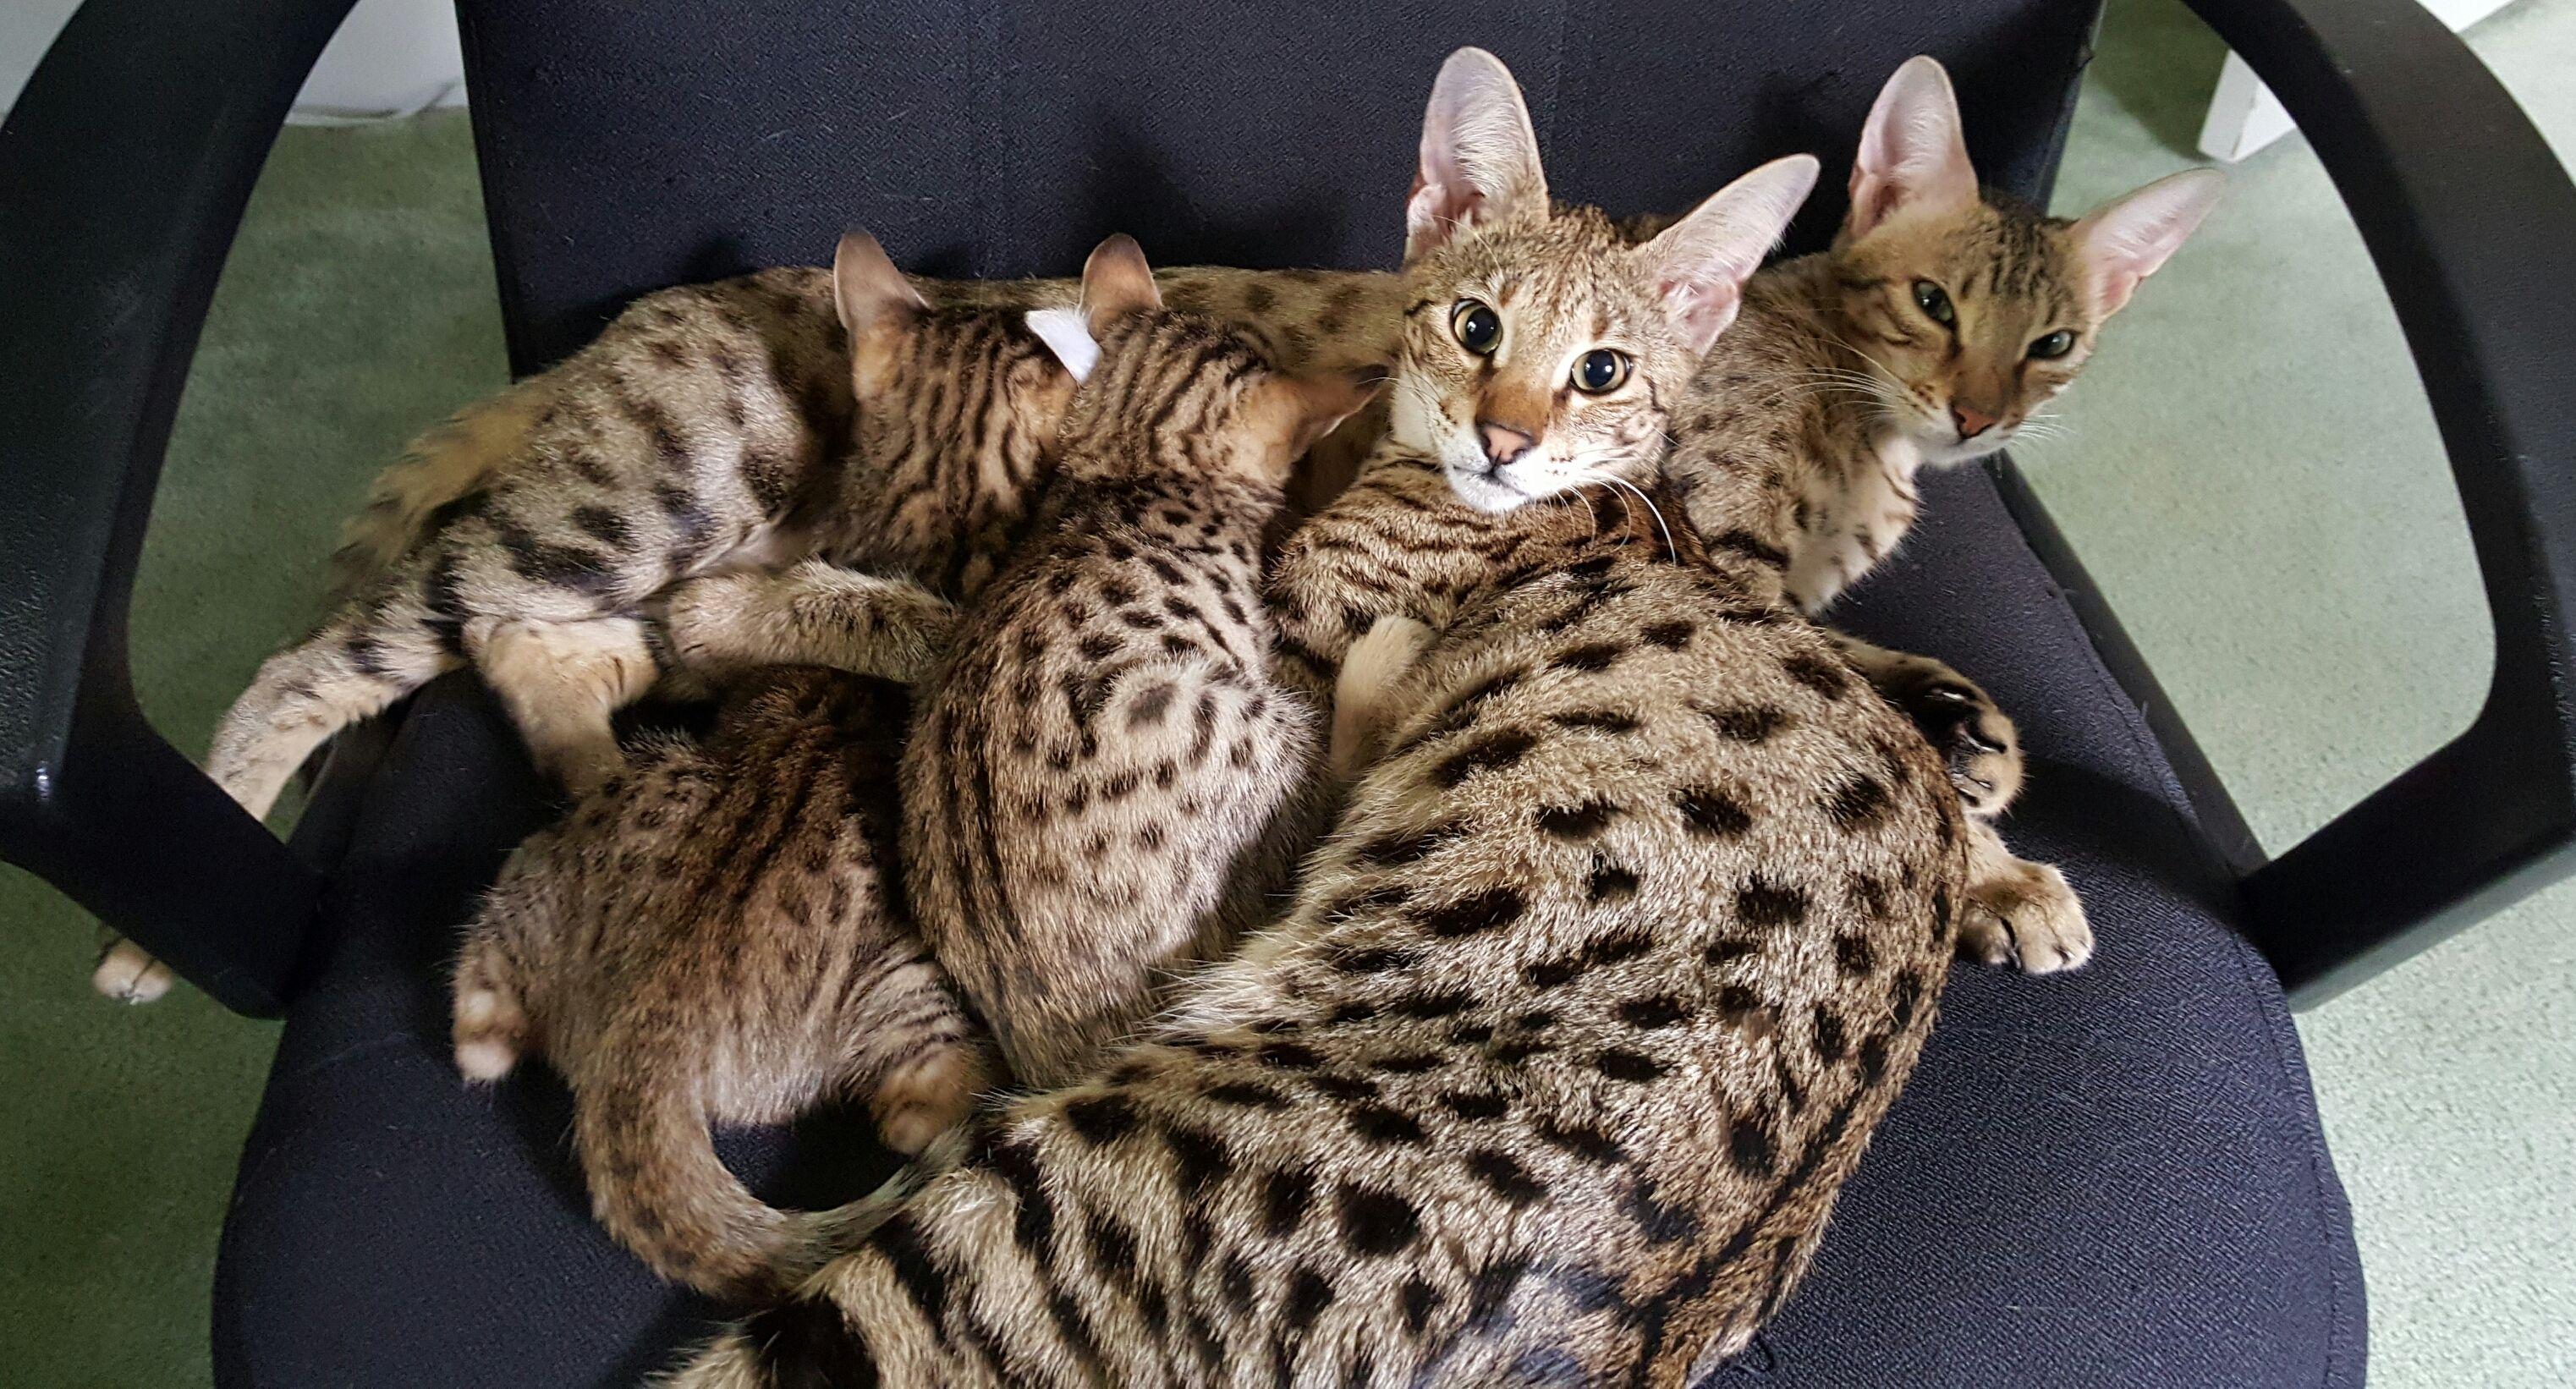 Savannah Cat Breeders Savannah Cats, Bengal Cats For